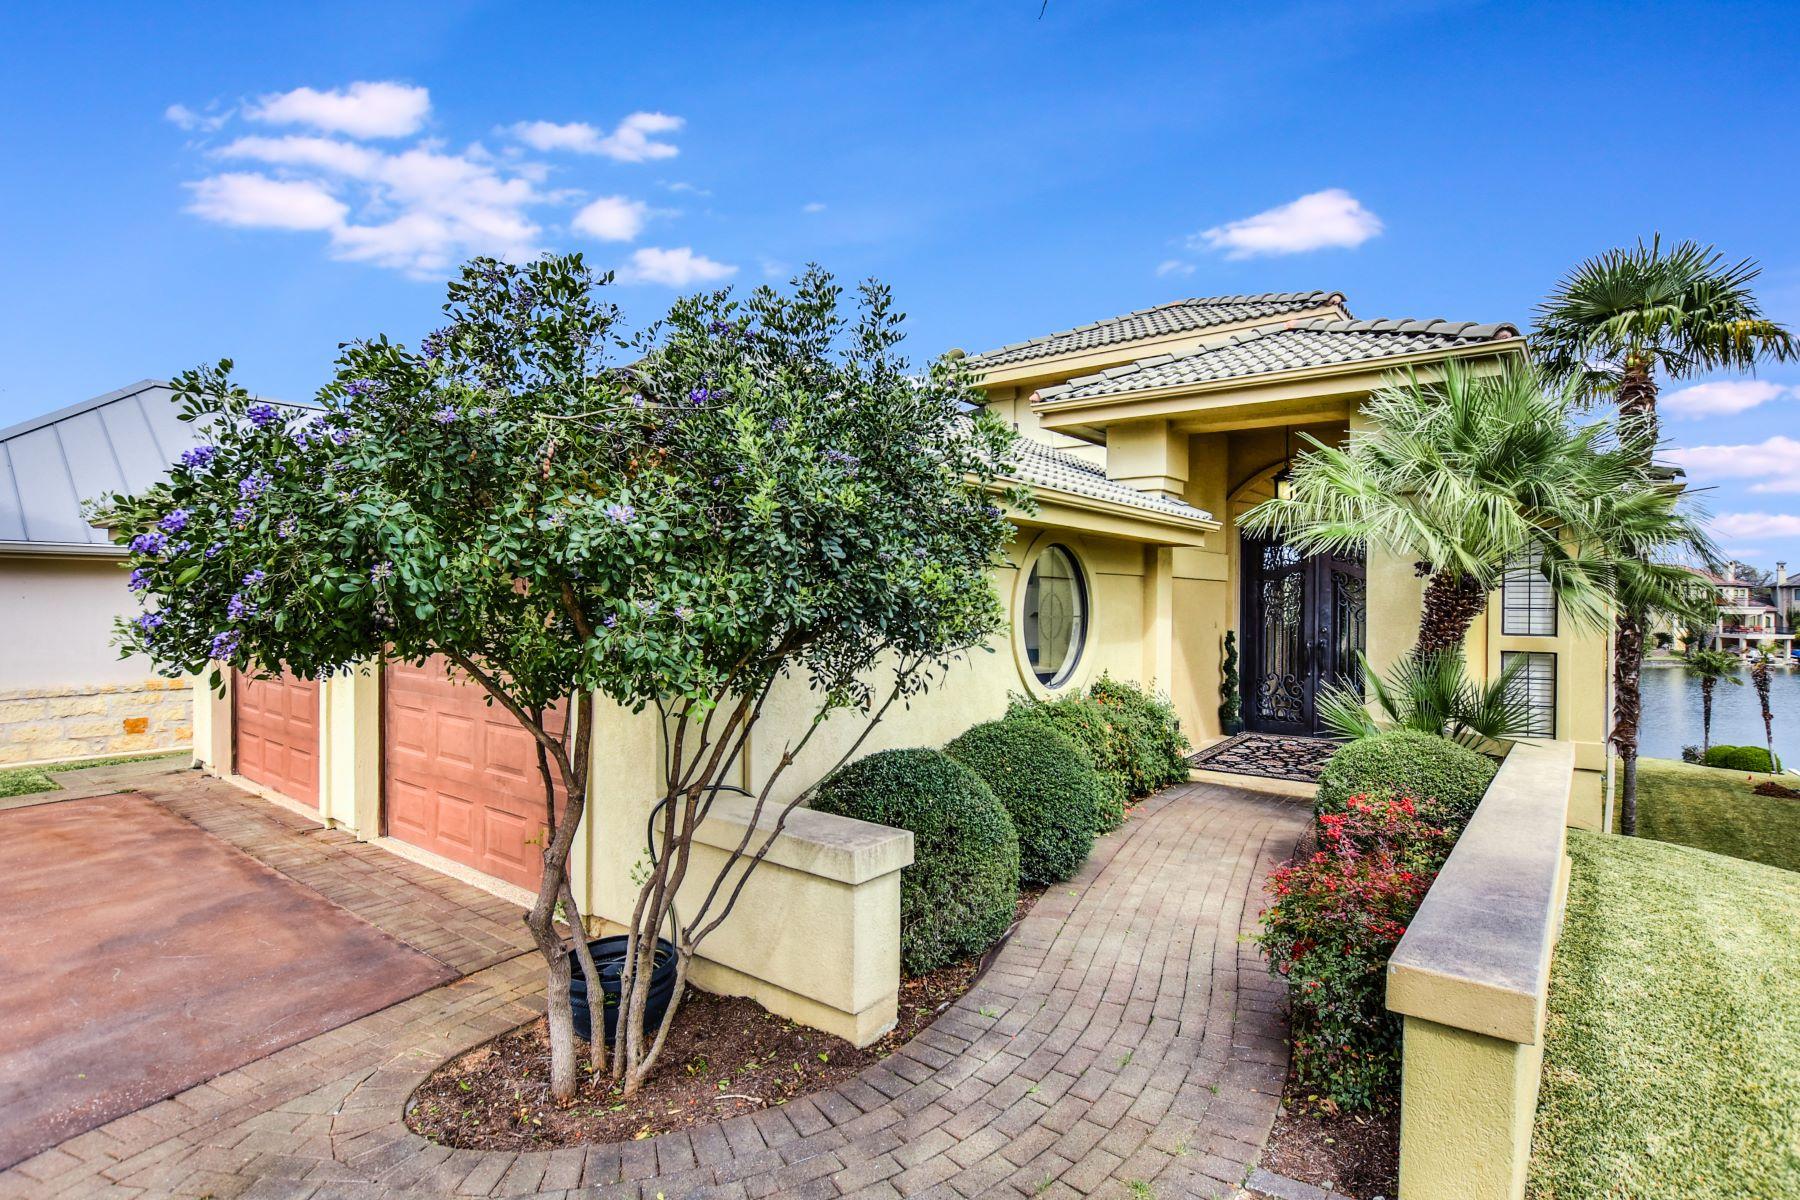 Casa Unifamiliar por un Venta en Exclusive Applehead Island Estate 223 Dominion Drive Horseshoe Bay, Texas 78657 Estados Unidos